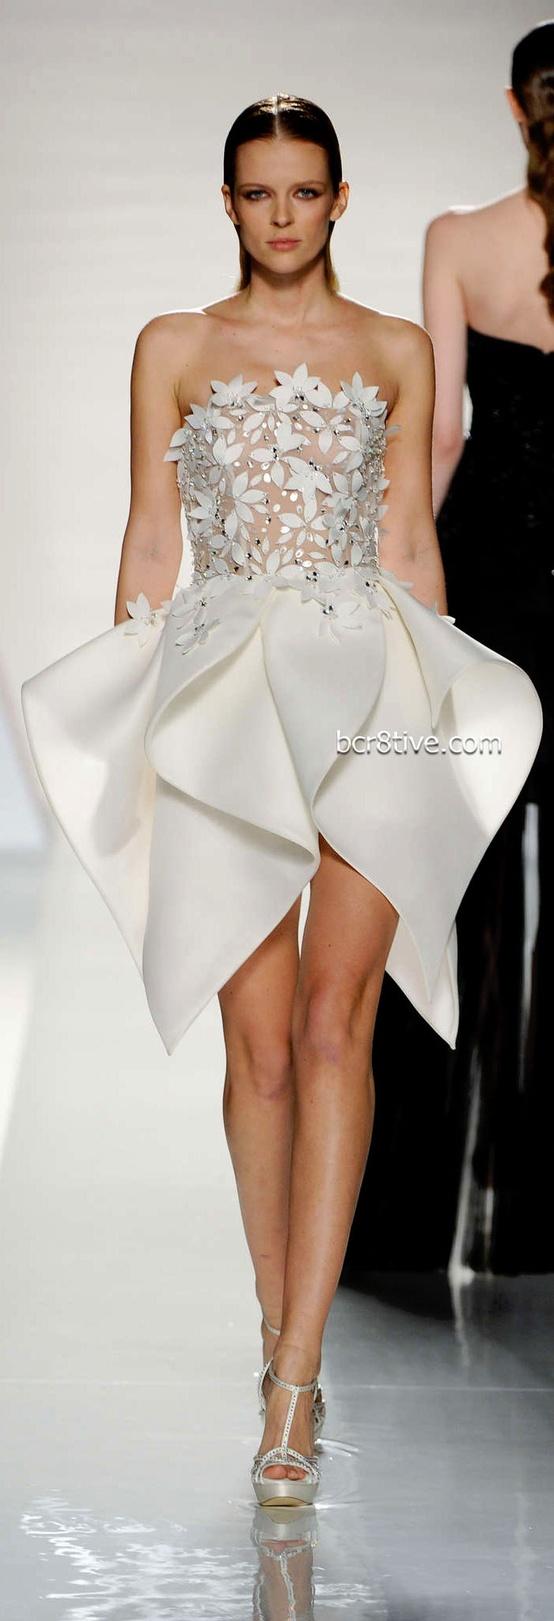 dresses (5)